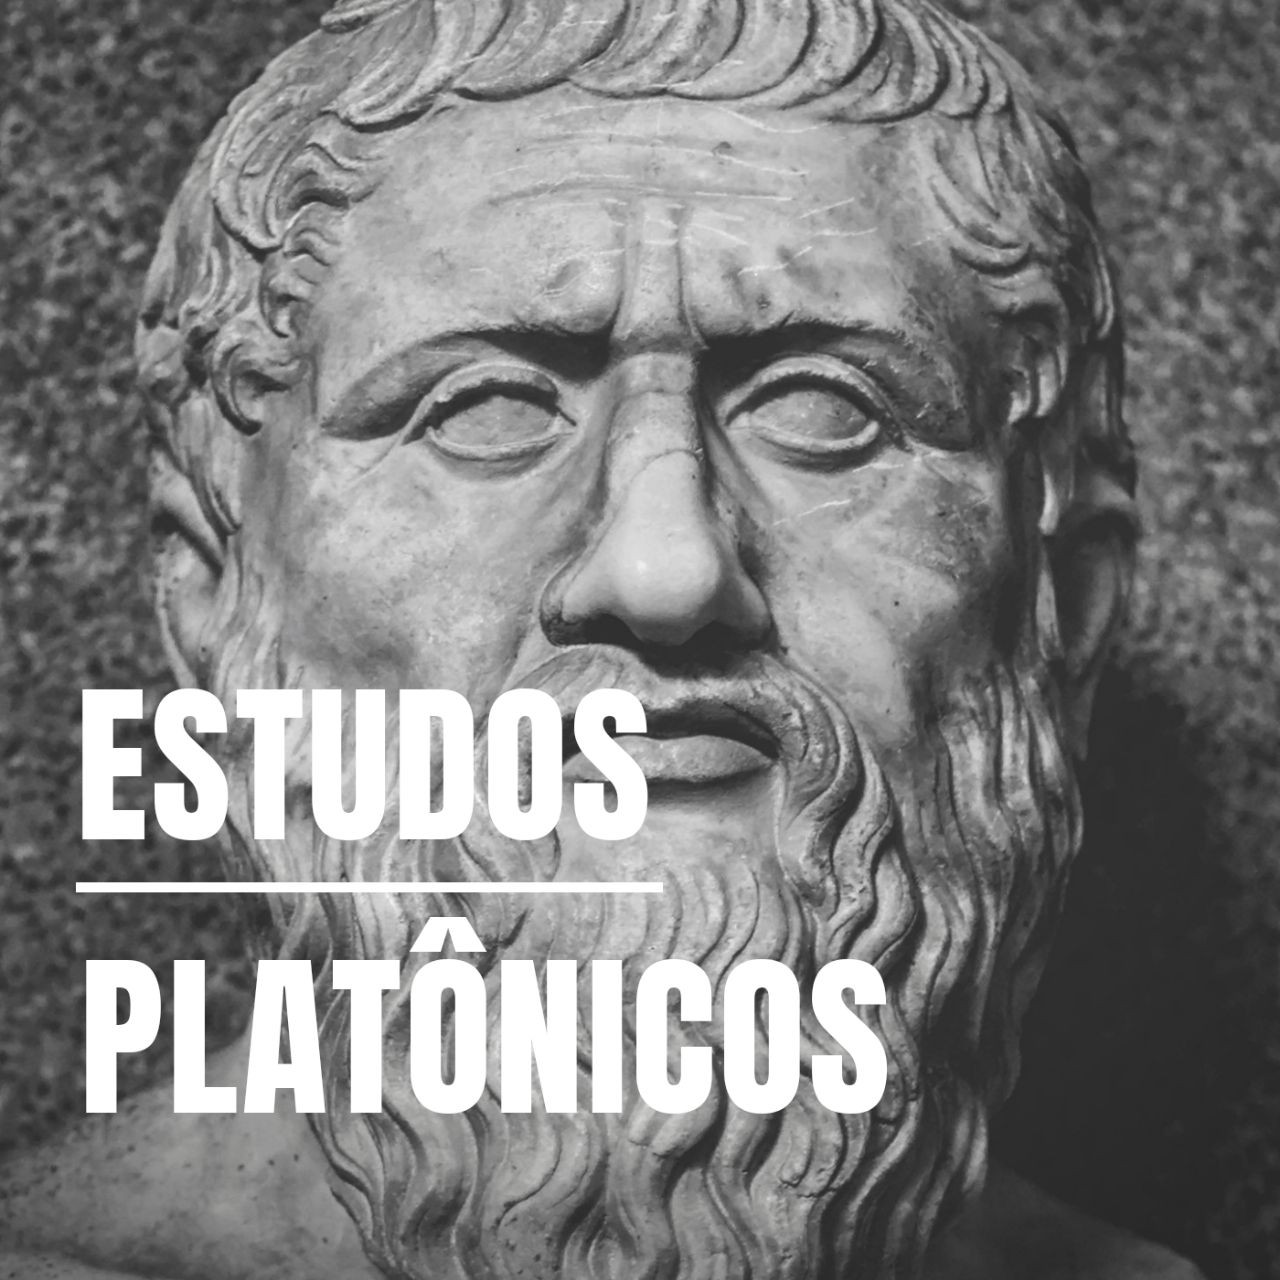 Estudos Platônicos - Ep.1 - Platão, diálogo e linguagem